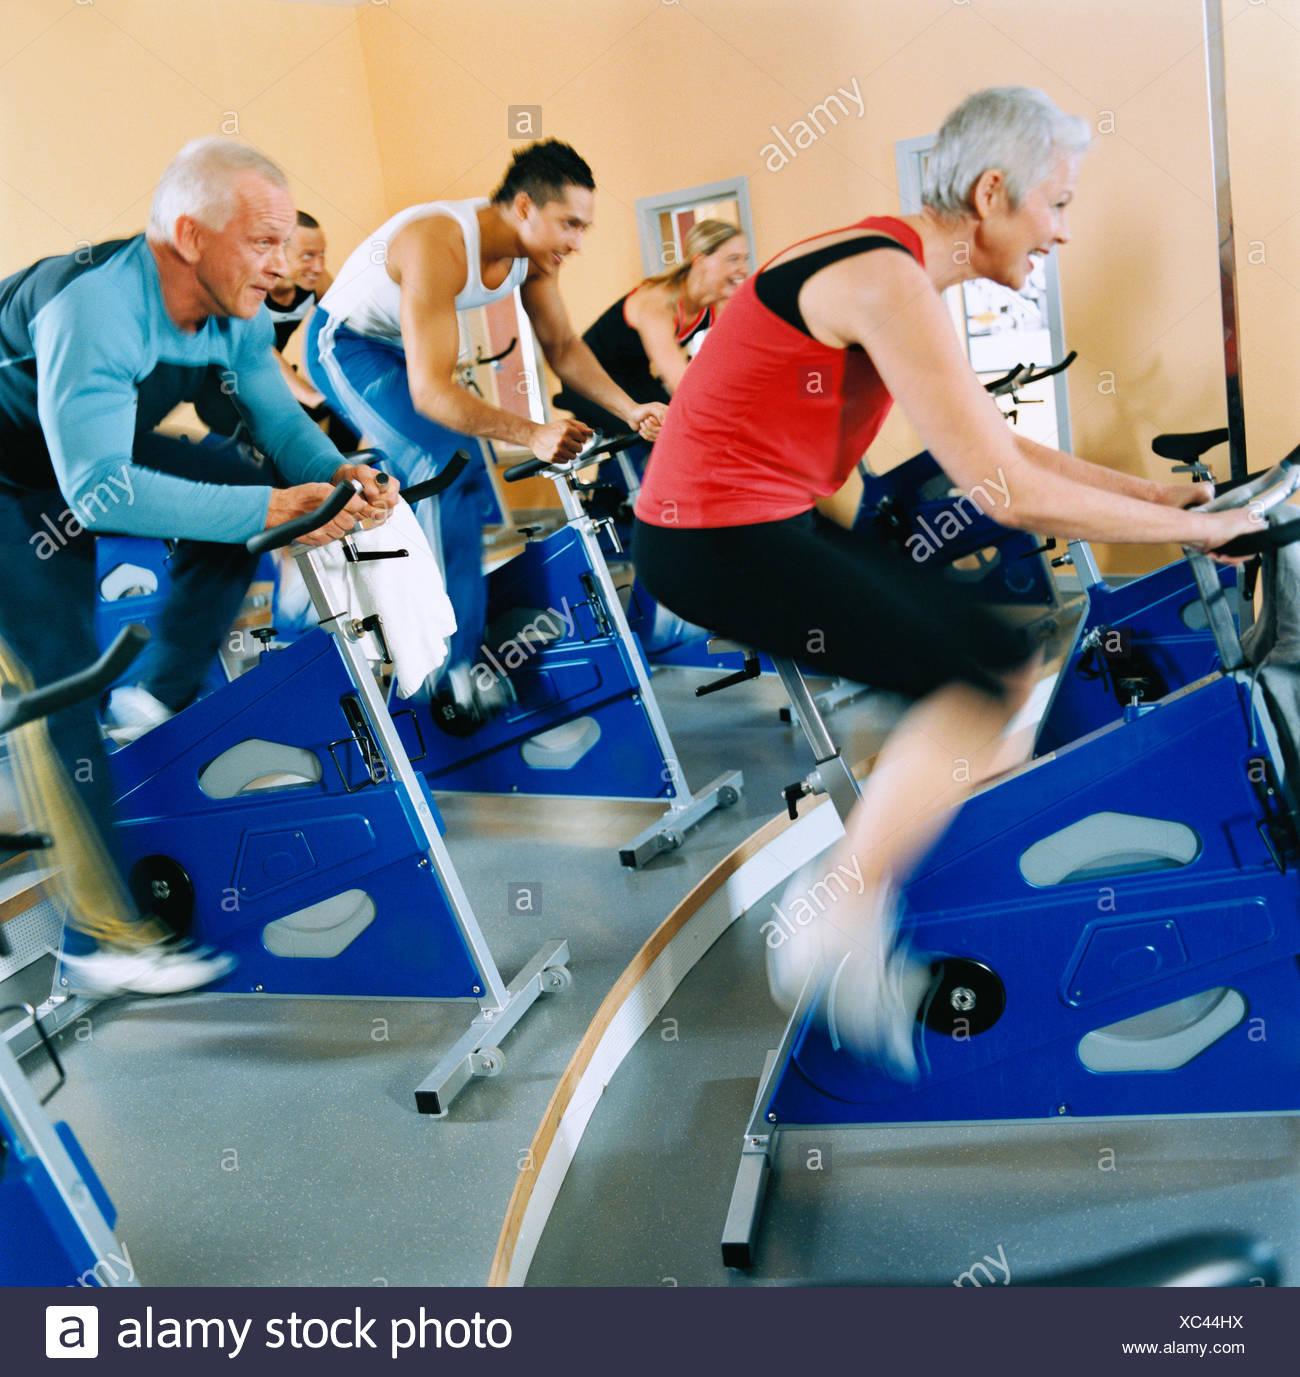 20-24 ans 30-34 ans adultes activité seul athlète location bodybuilding cycle image couleur l'exercice de cinq personnes santé sport Banque D'Images